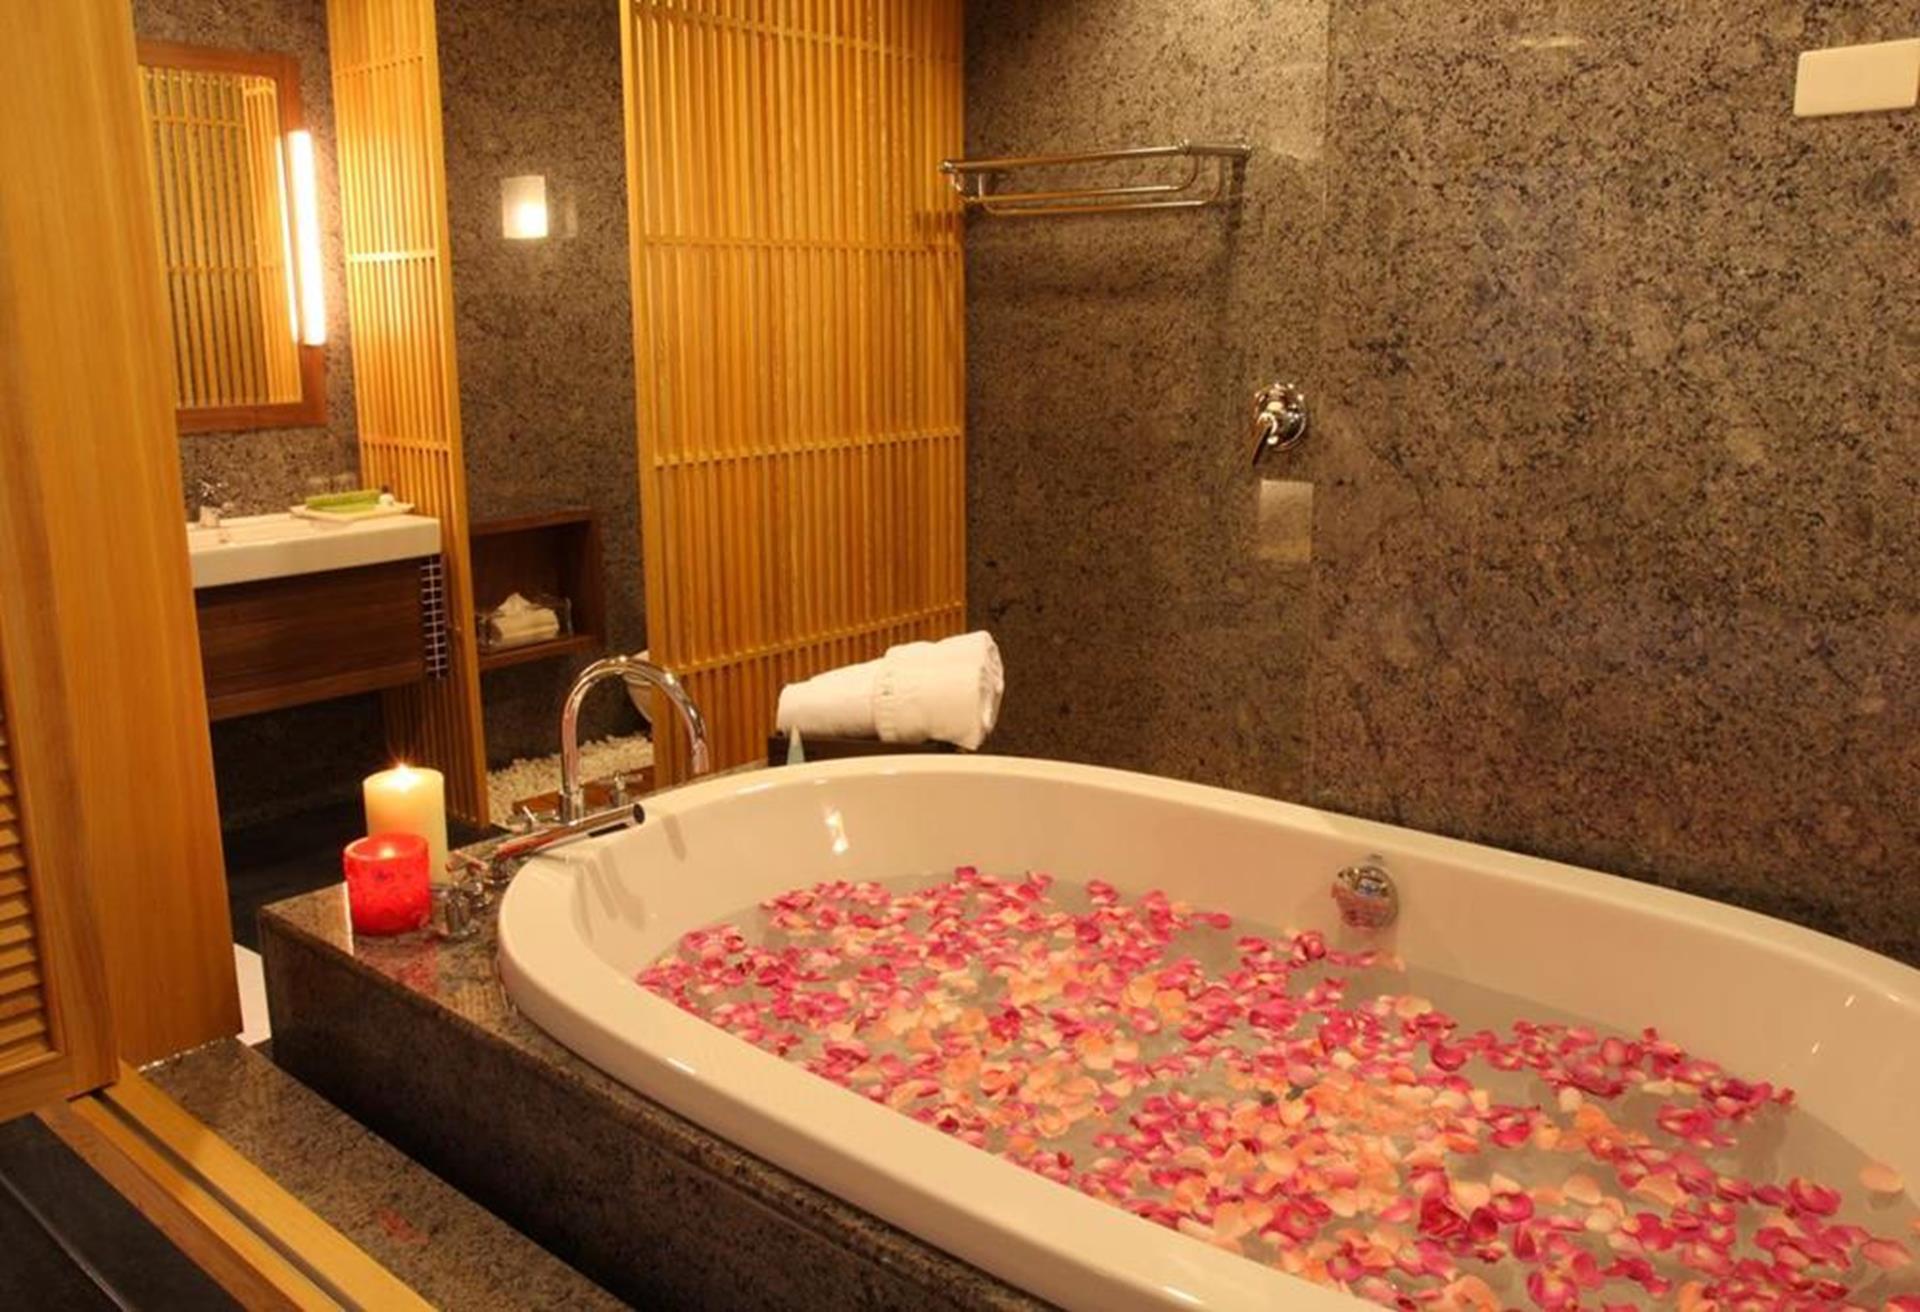 烏來Spring Spa 溫泉山莊,烏來溫泉飯店推薦,烏來溫泉飯店,烏來溫泉旅館